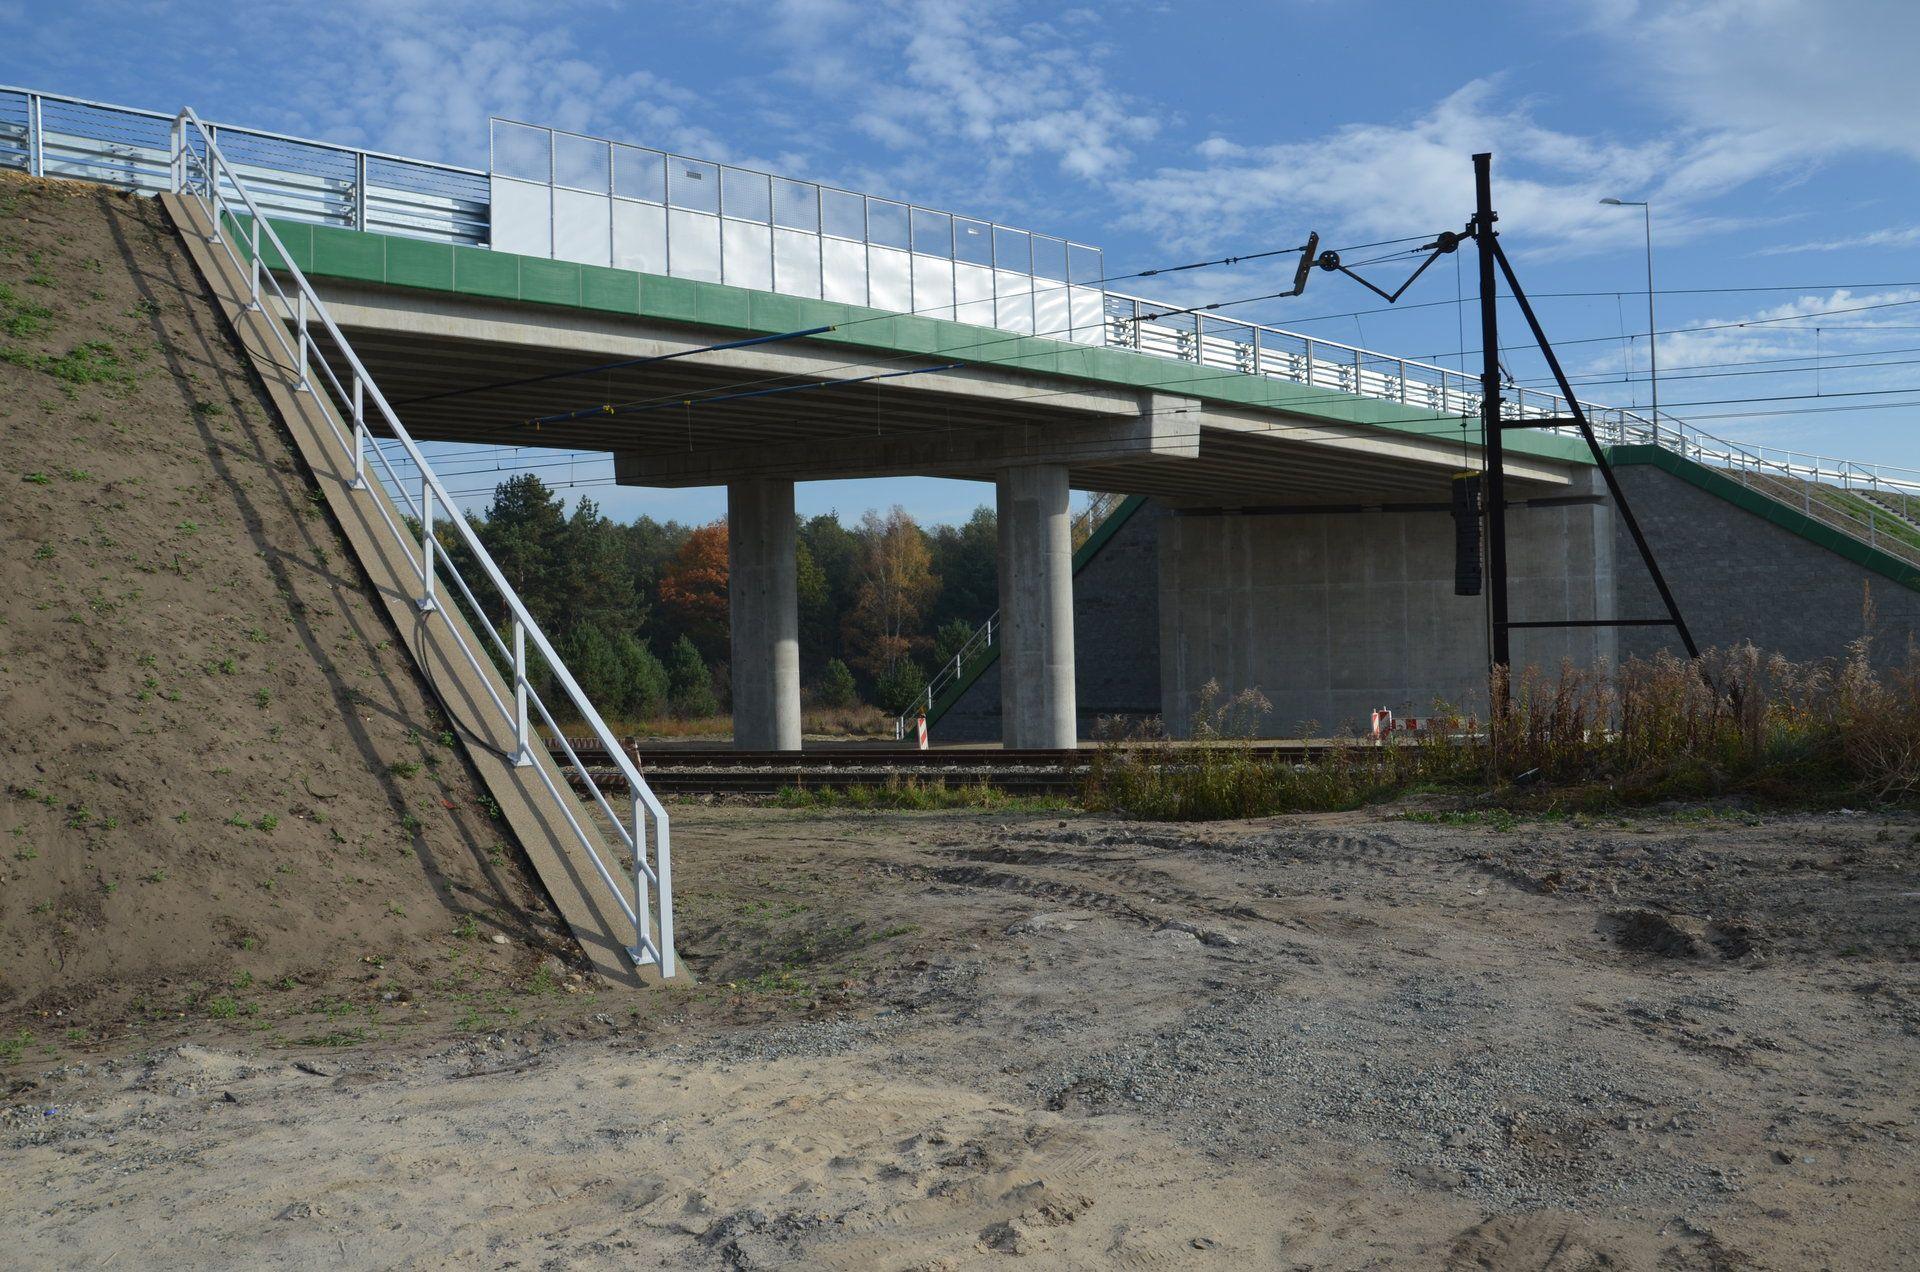 Nowy wiadukt w Jaworznie ma 39 metrów długości (fot. PKP PLK)